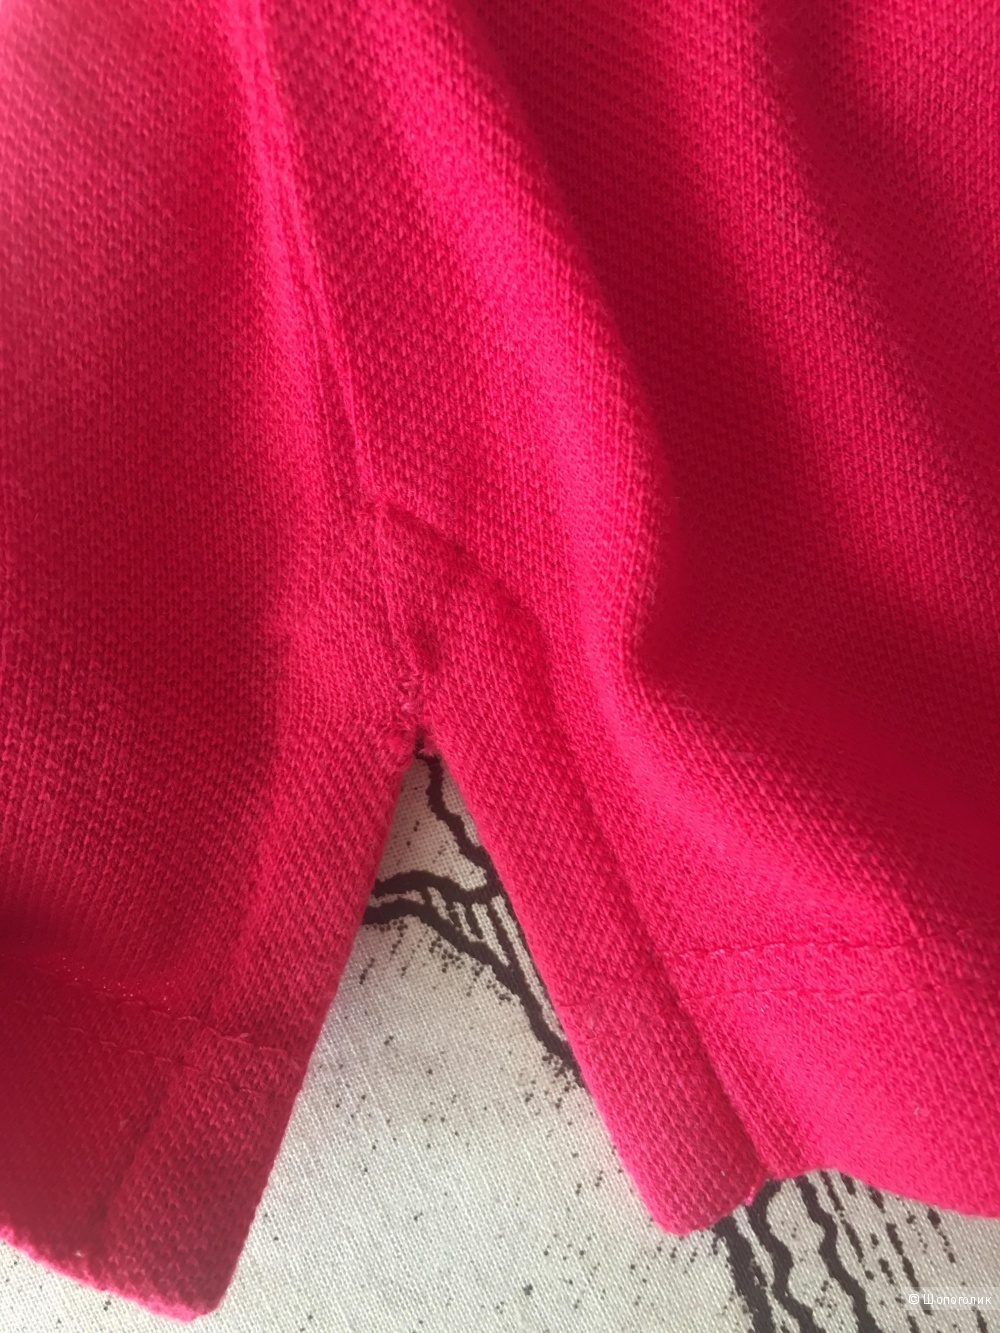 Поло Gianfranco Ferre beachwear,размер S